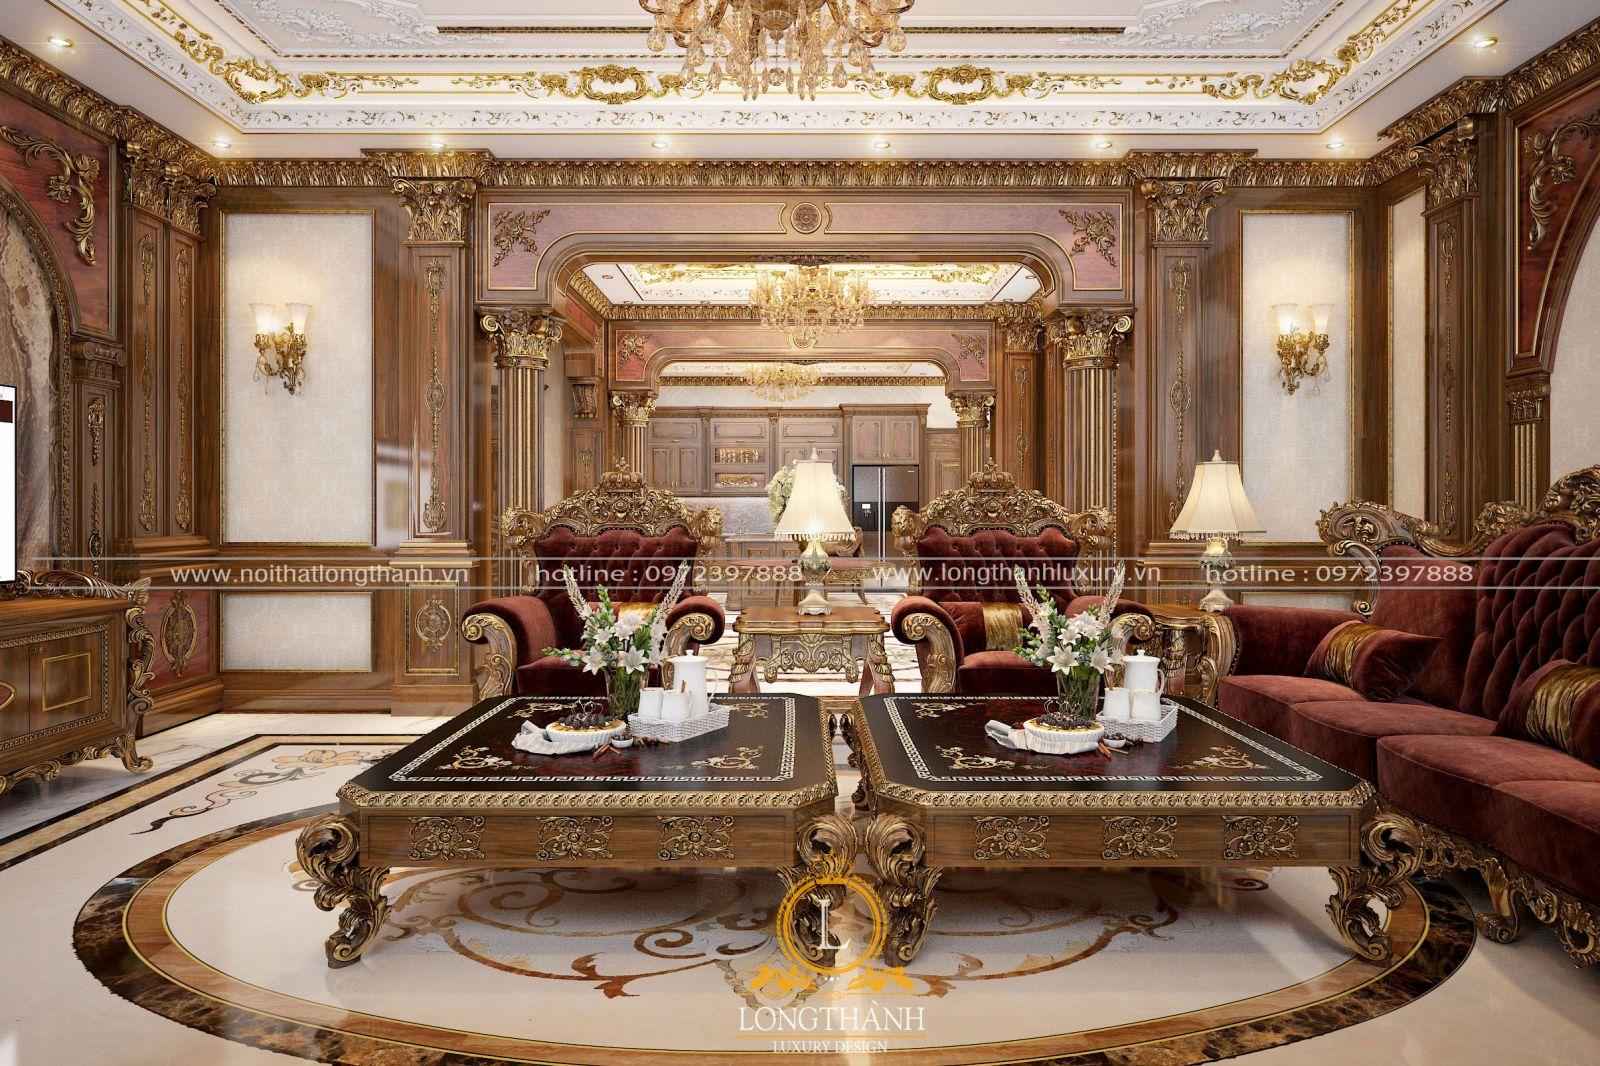 Bộ Sofatân cổ điển với tone màu phù hợp với cả căn phòng